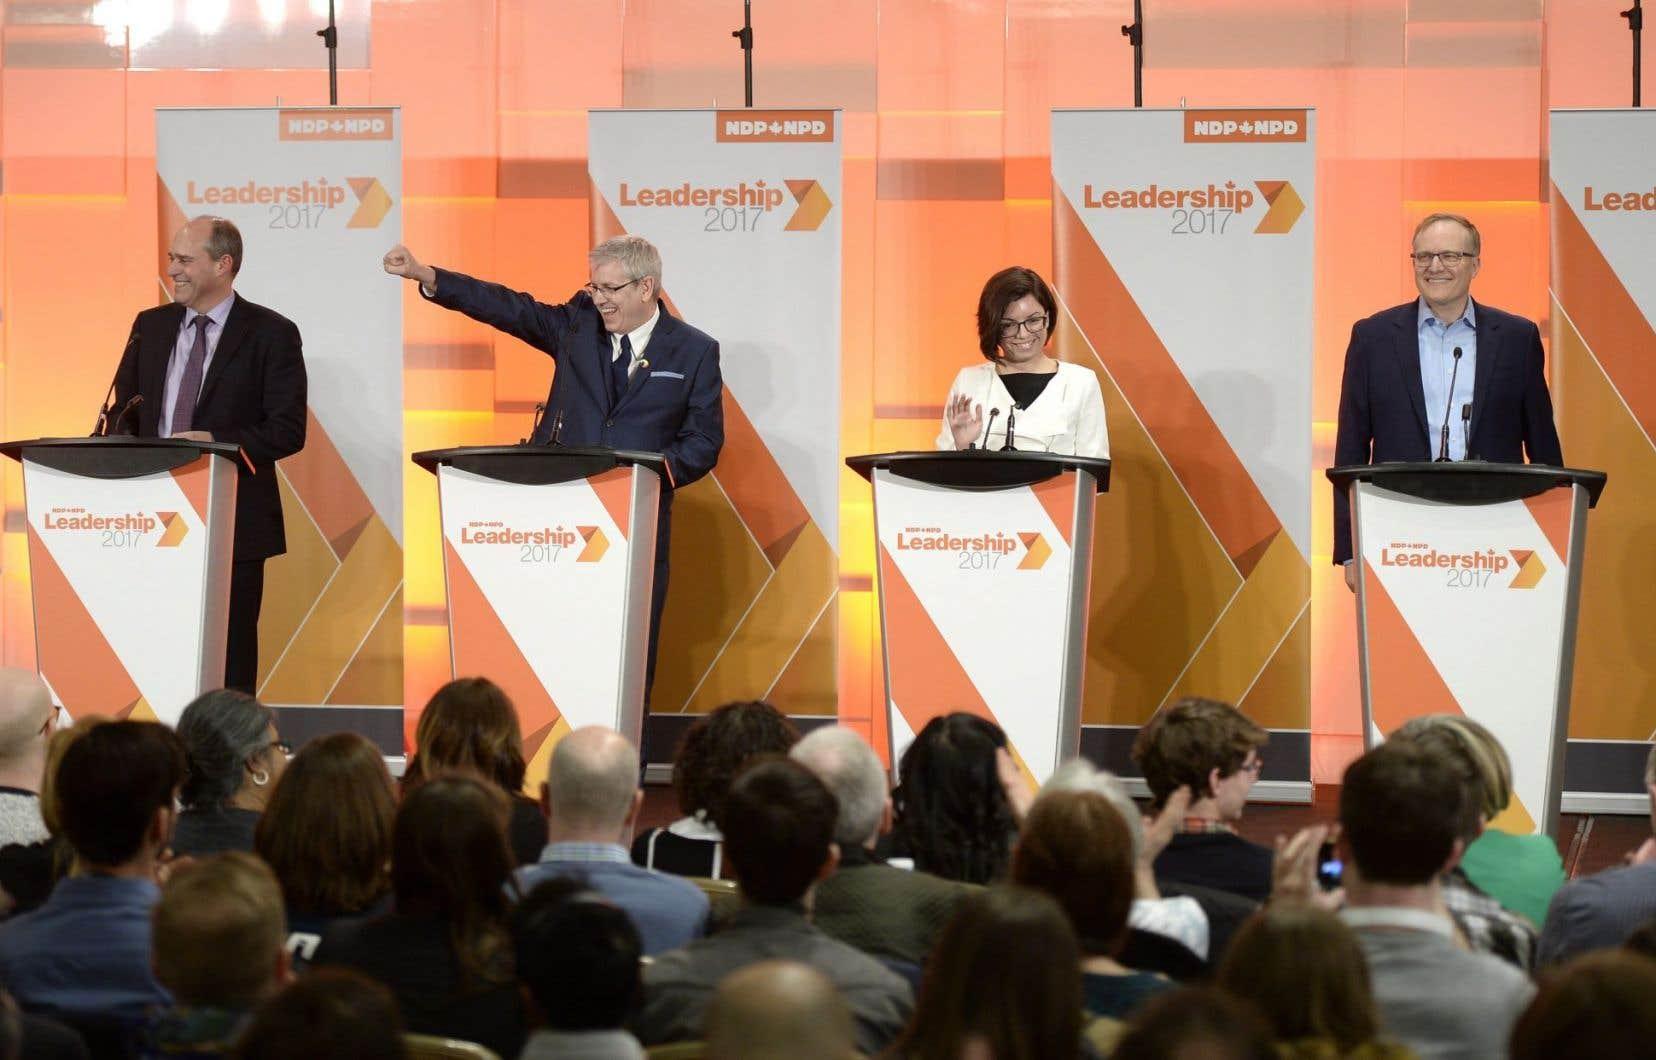 Les députés Guy Caron, du Québec, Charlie Angus, de l'Ontario, Niki Ashton, du Manitoba, et Peter Julian, de la Colombie-Britannique